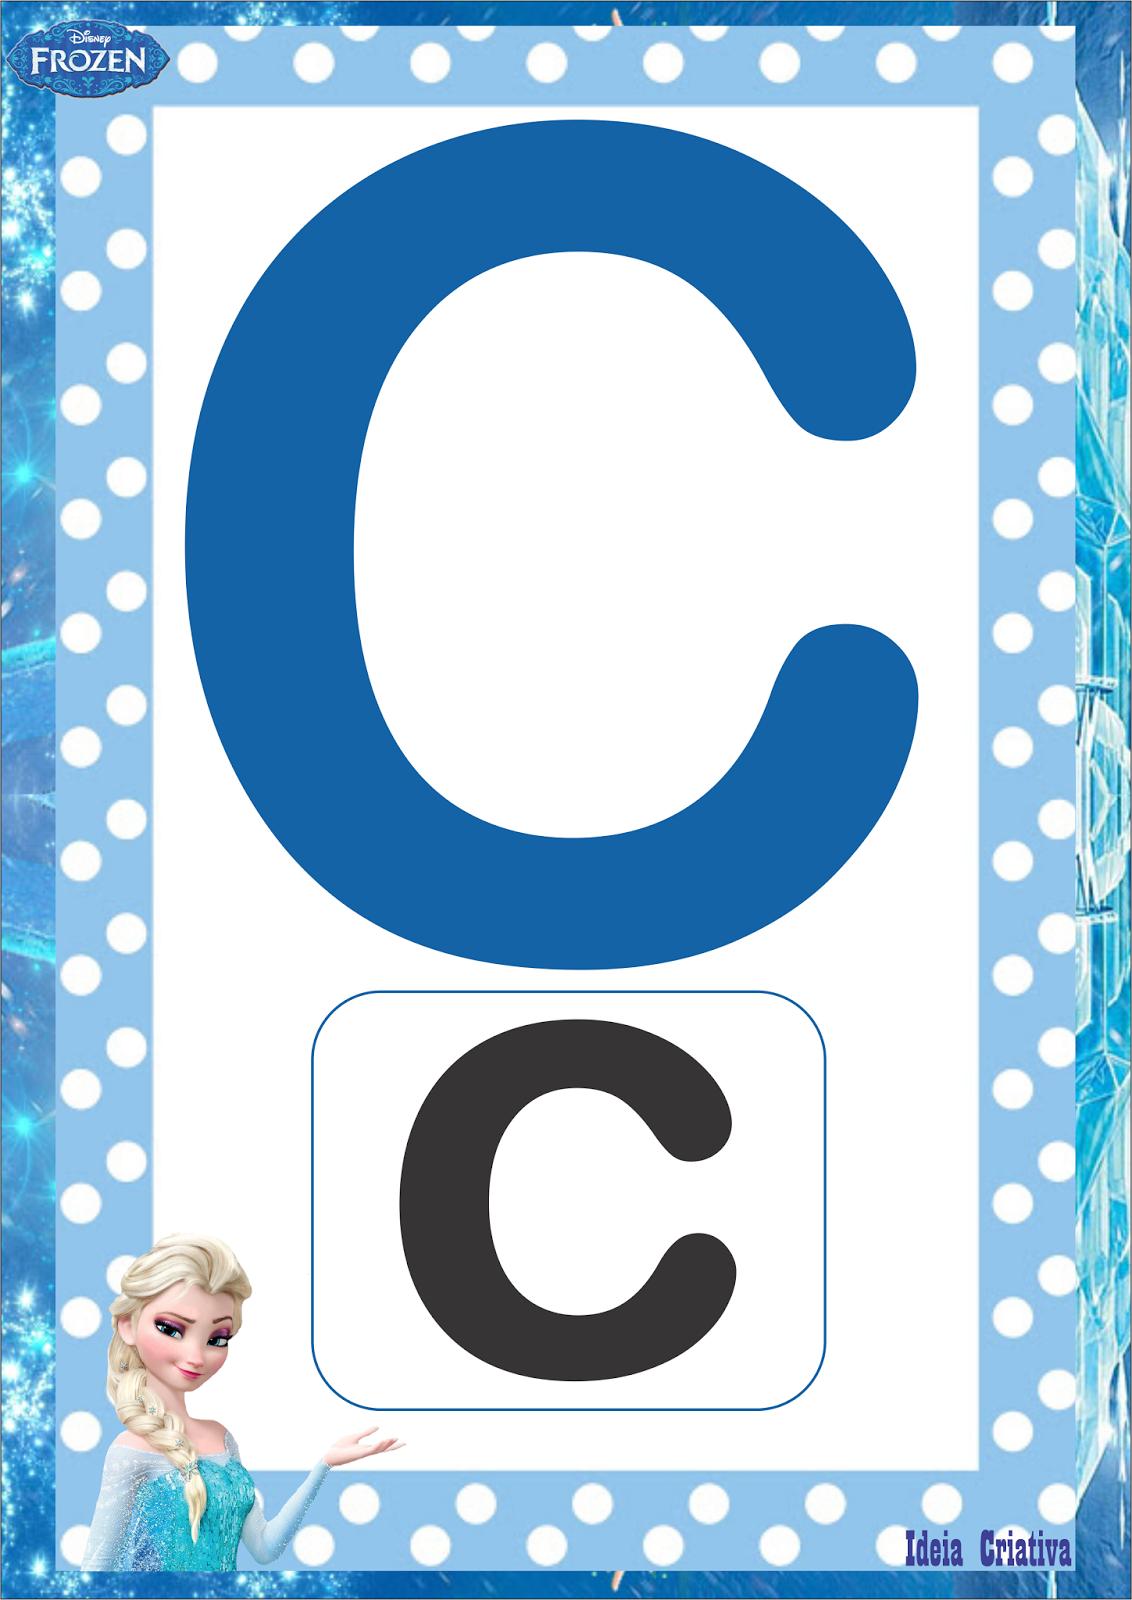 Alfabeto Frozen Sem Figuras Letra Bastão Maiúscula e Minúscula para Imprimir Grátis